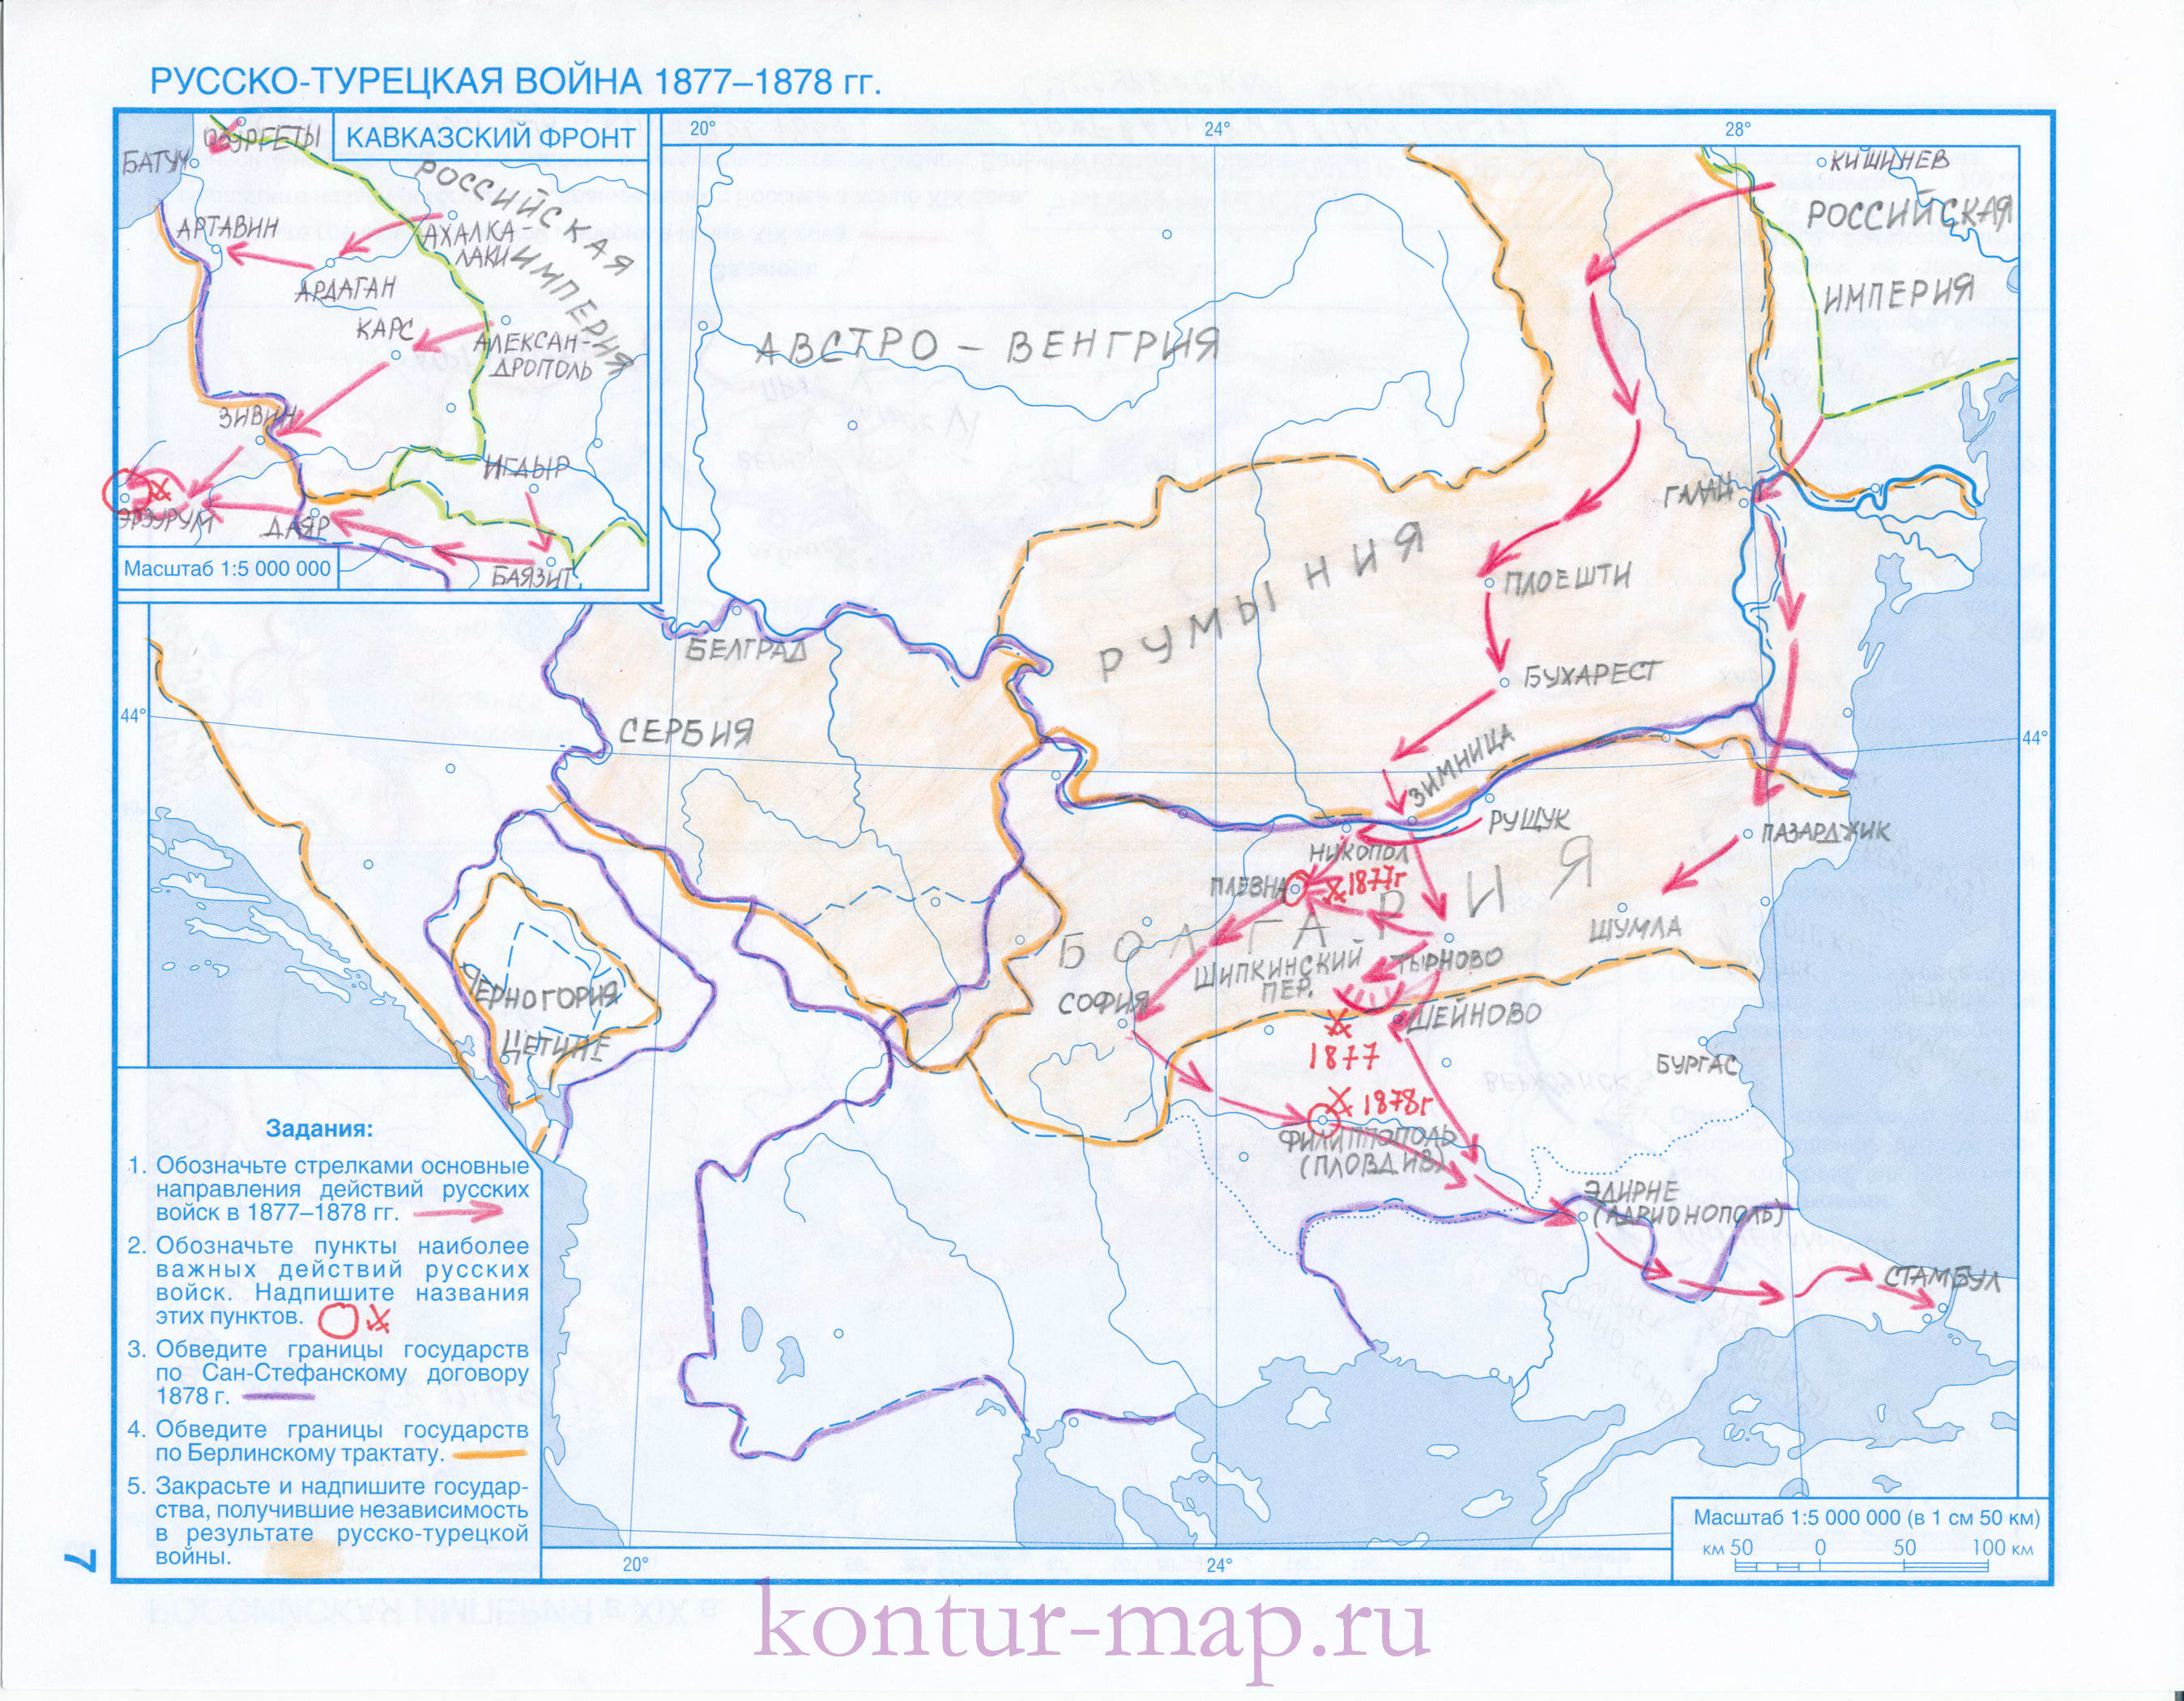 Века гдз 20 контурная по история 9 класс истории отечественная карта